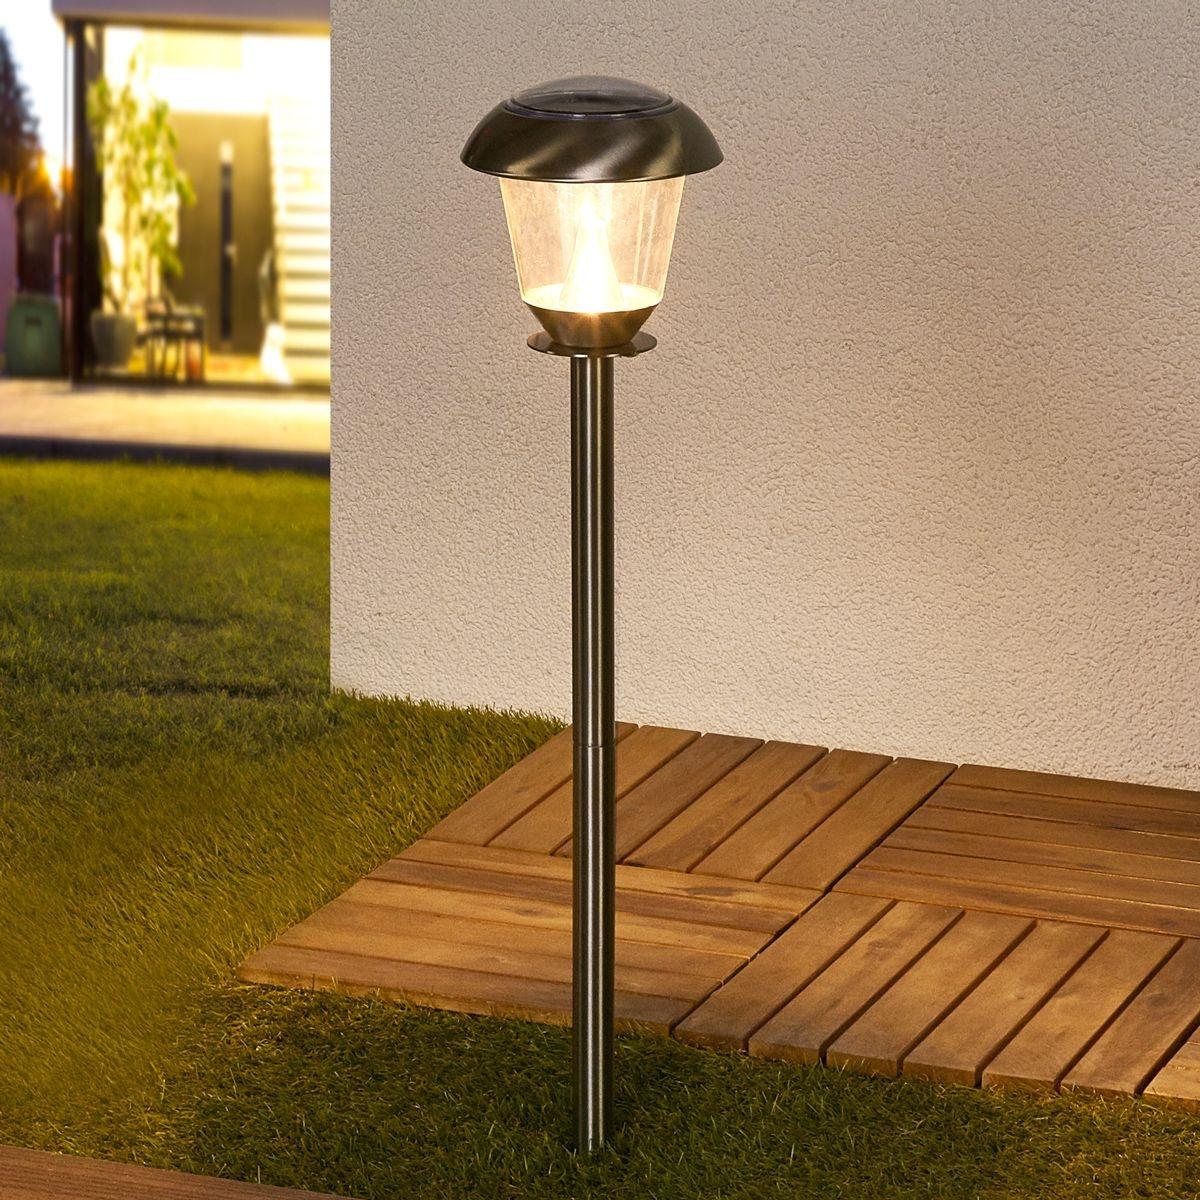 Lampe solaire led nela pour le jardin inox, transparent Lampenwelt